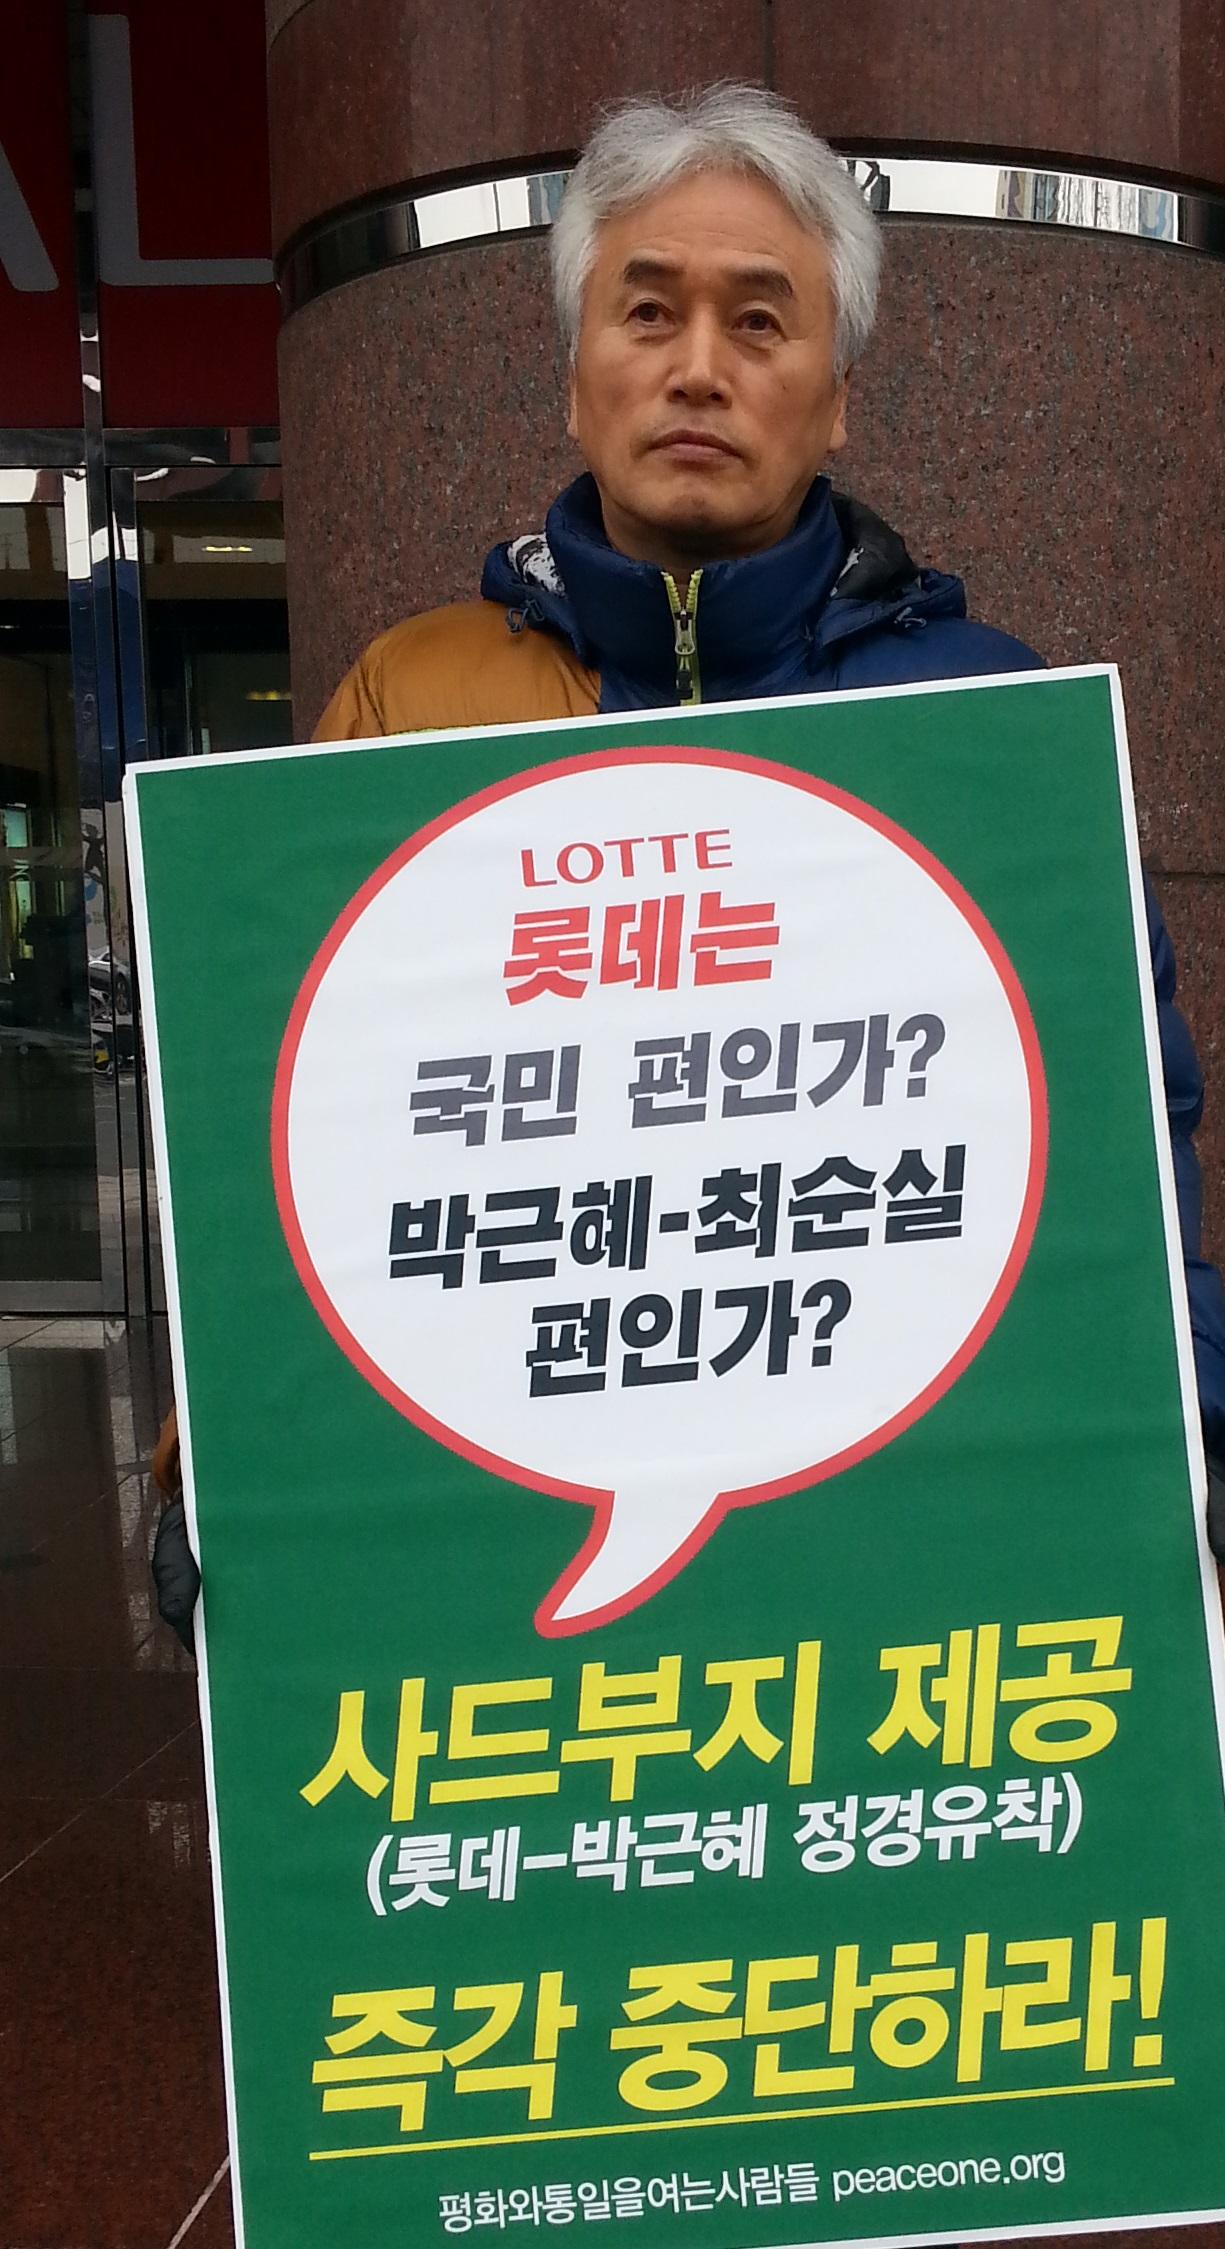 대전충청 평화와통일을여는사람들 유병규 공통대표가 12일 오후 1시 대전롯데백화점 앞에서 사드 부지 제공 중단을 촉구하는 1인 릴레이 시위를 벌이고 있다.